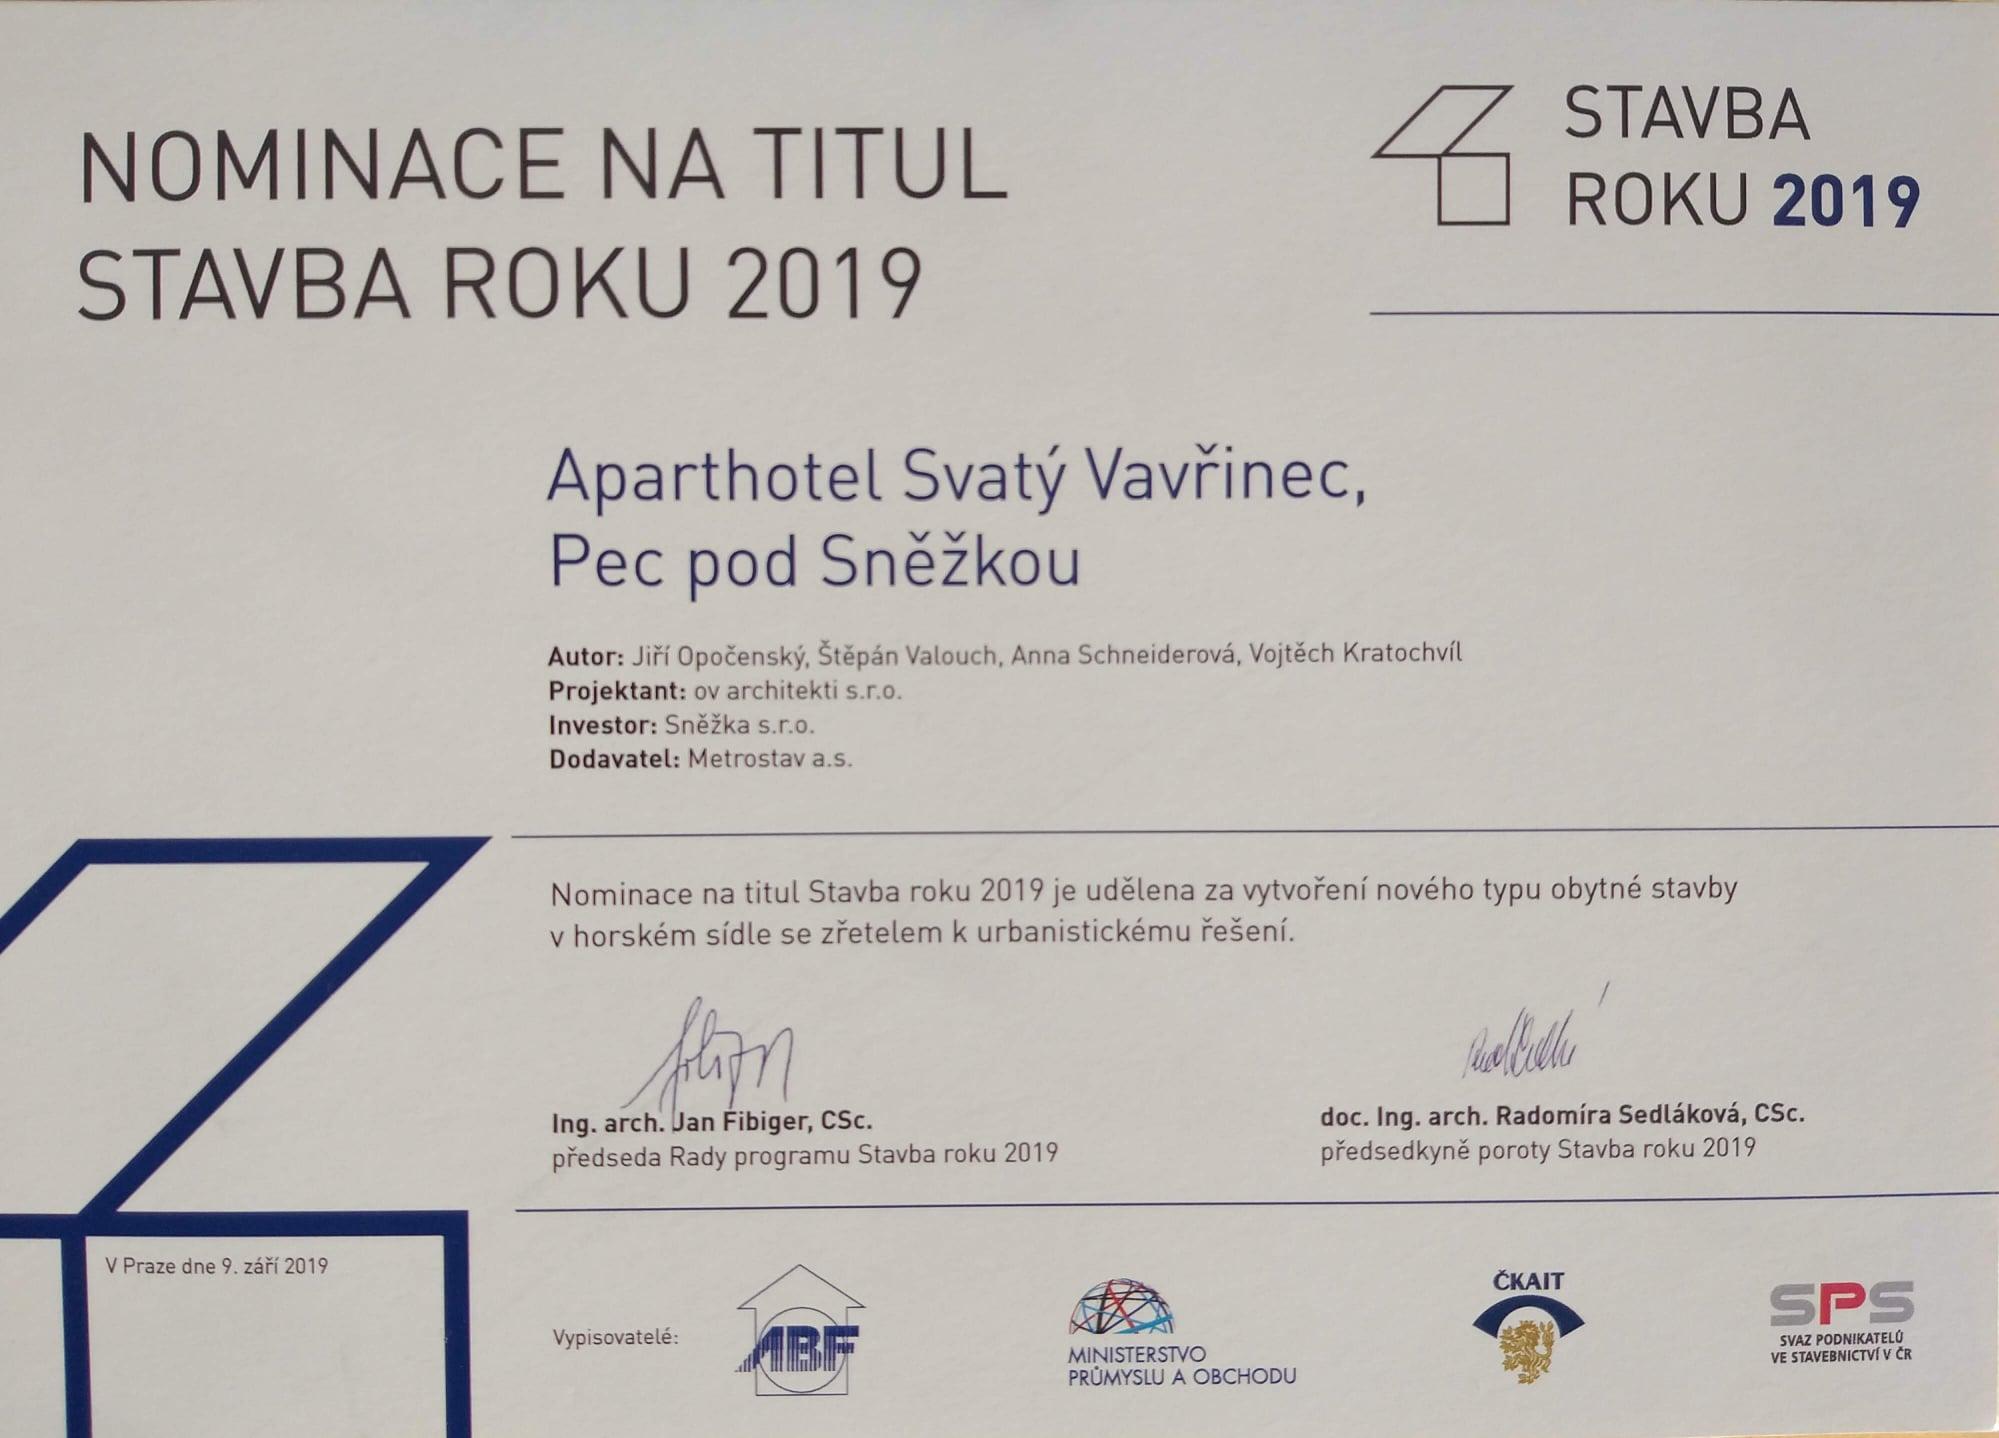 Aparthotel Svatý Vavřinec - Stavba roku